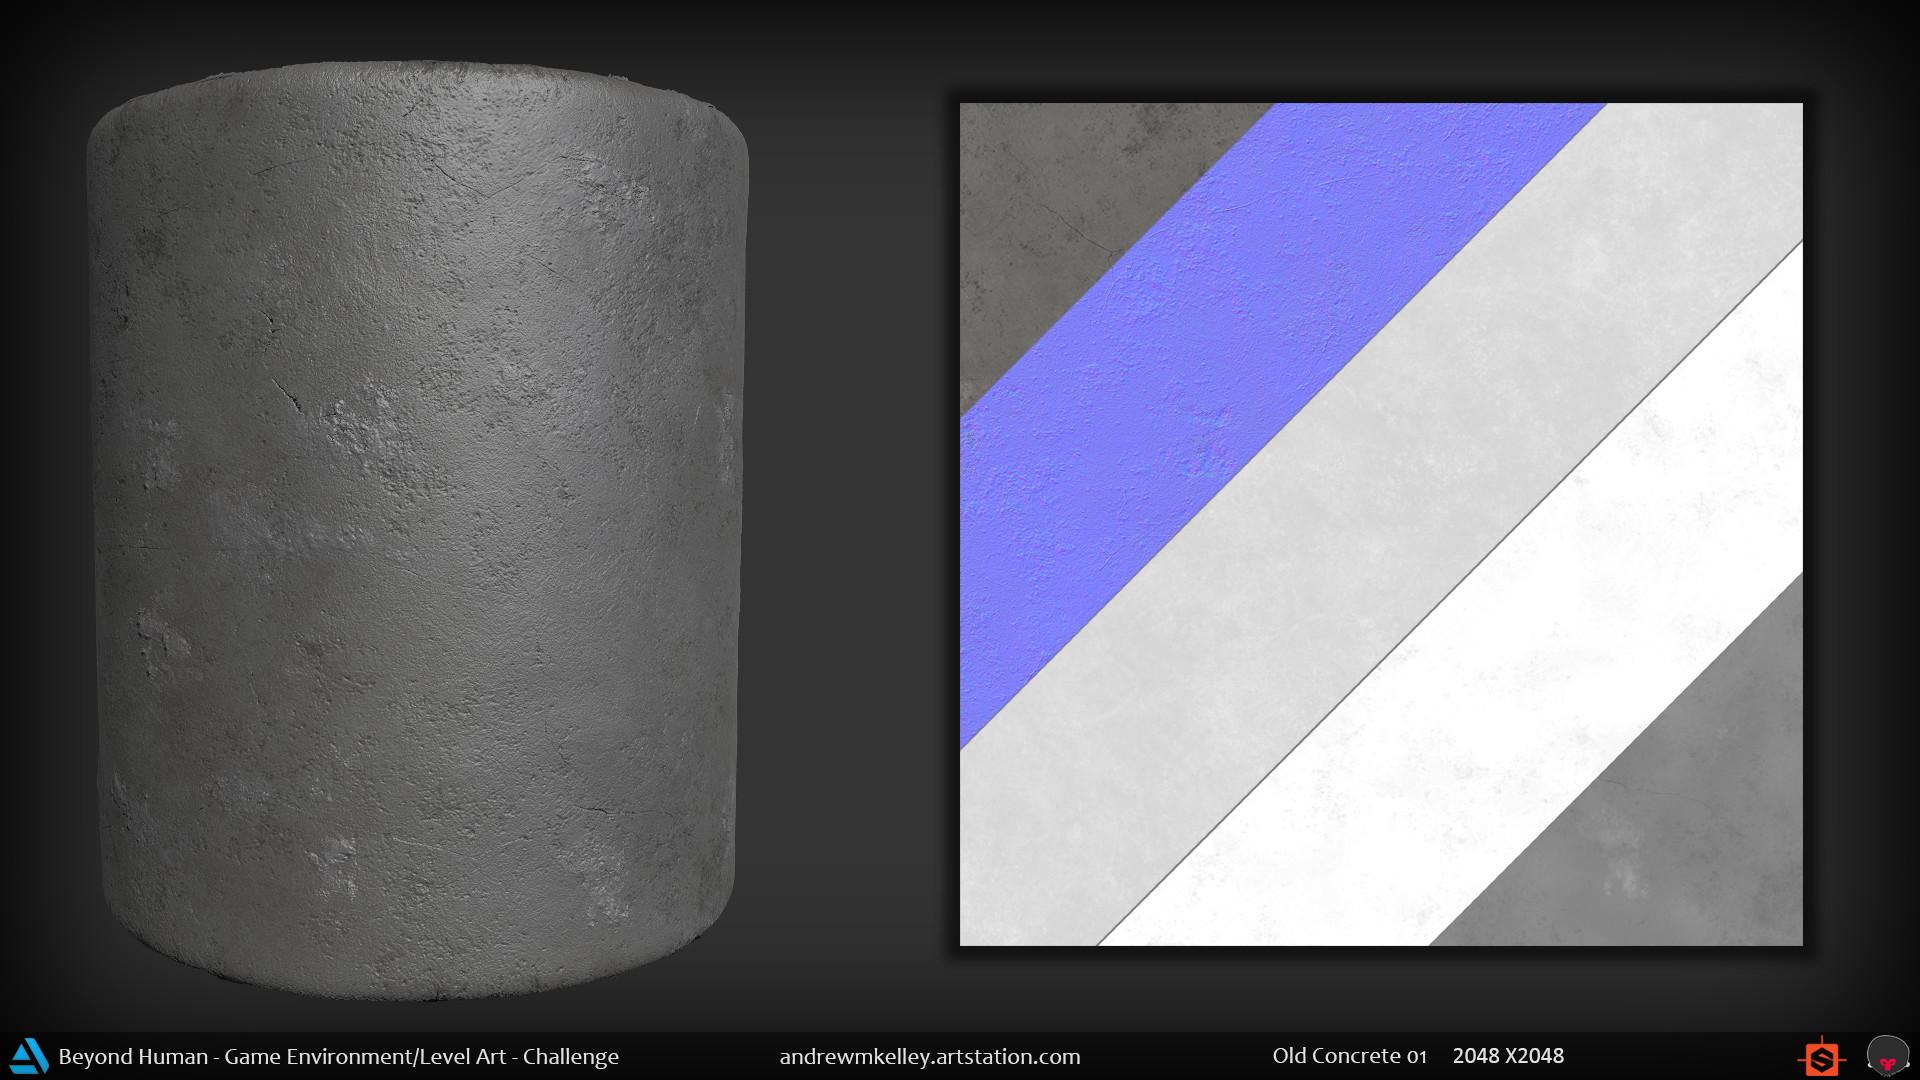 Andrew kelley materialshot oldconcrete01